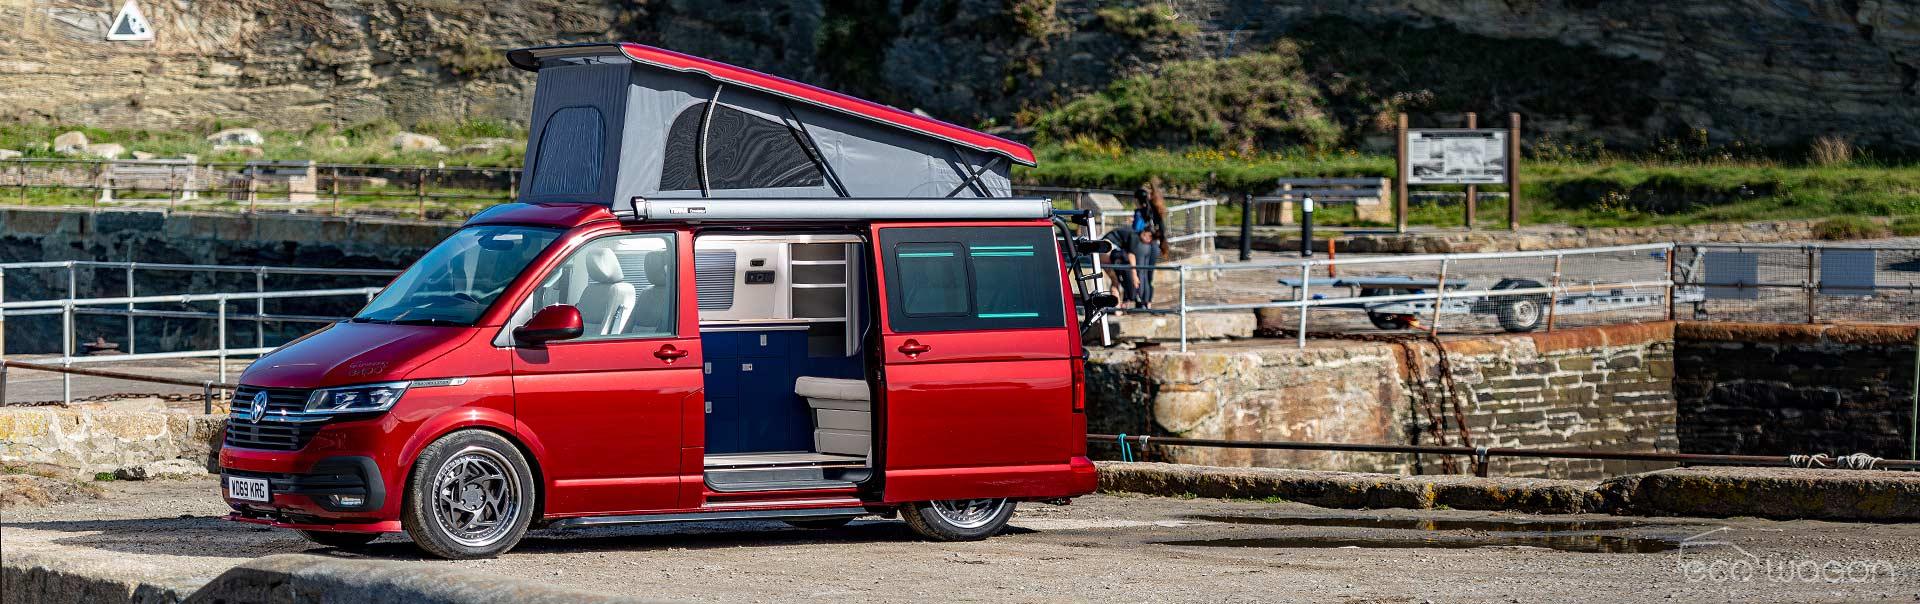 Volkwwagen Camper Vans Cornwall